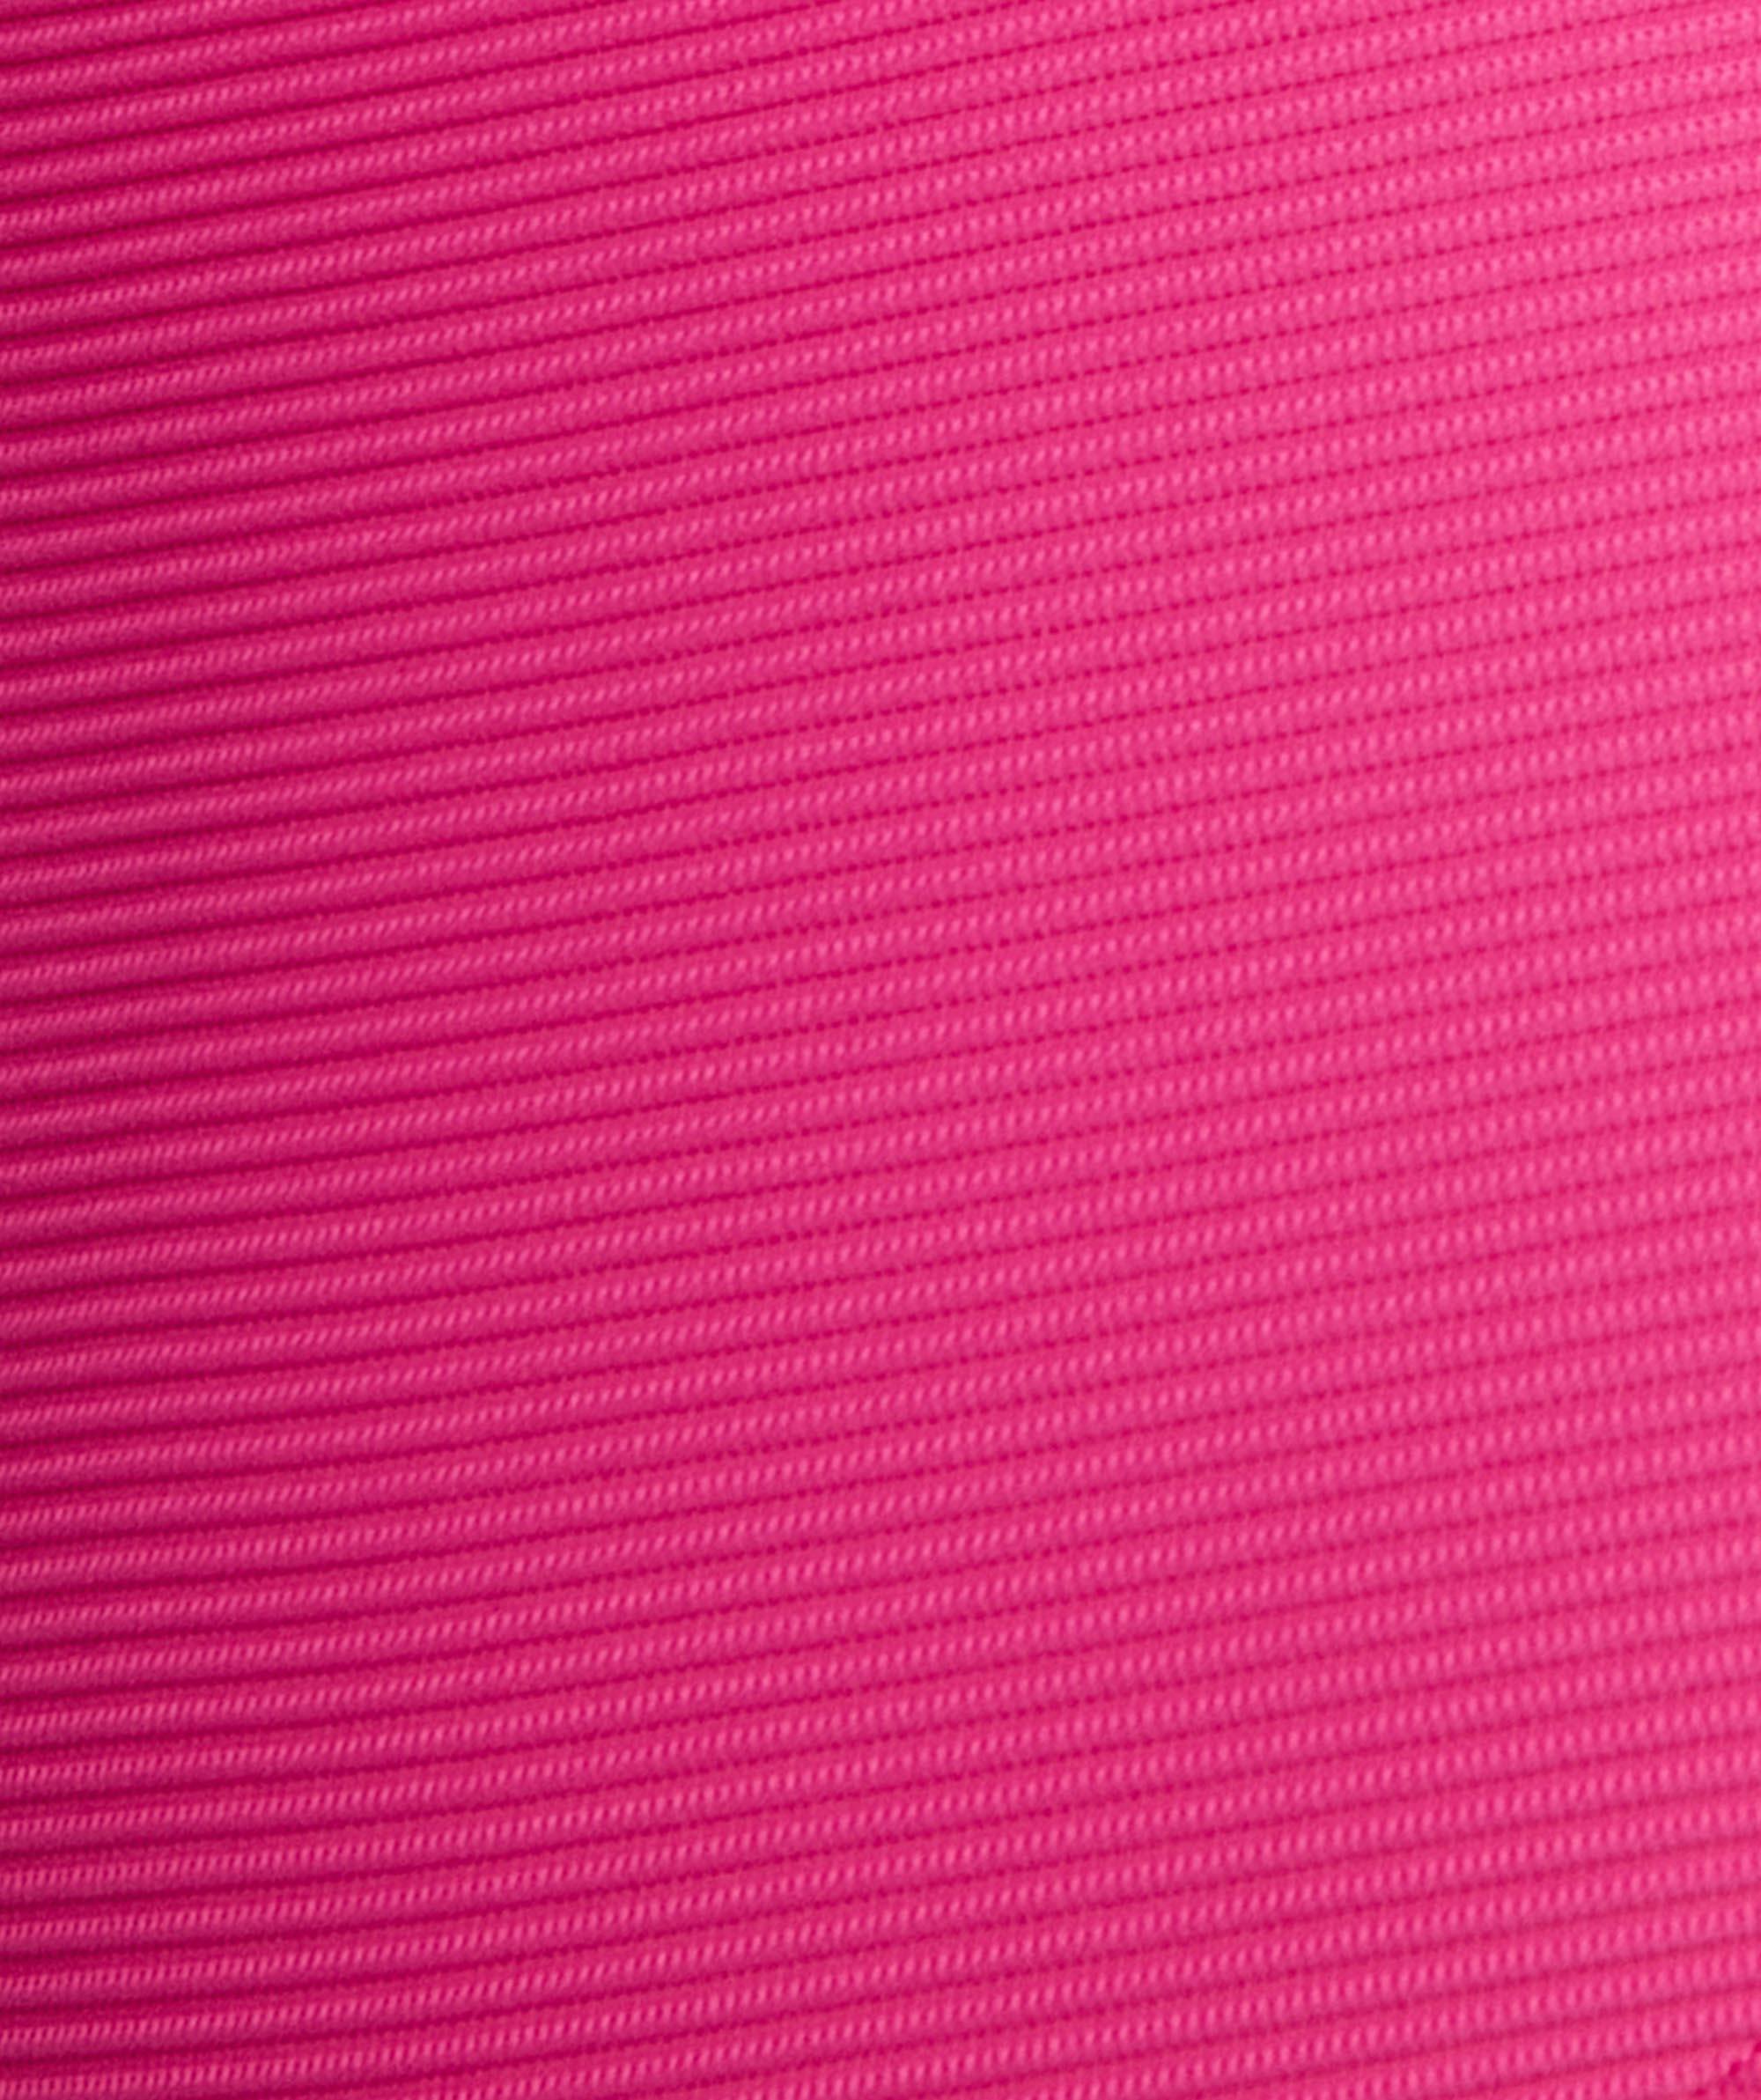 Vamp Tangier Cheeky Swim Bottoms - Fuchsia Pink